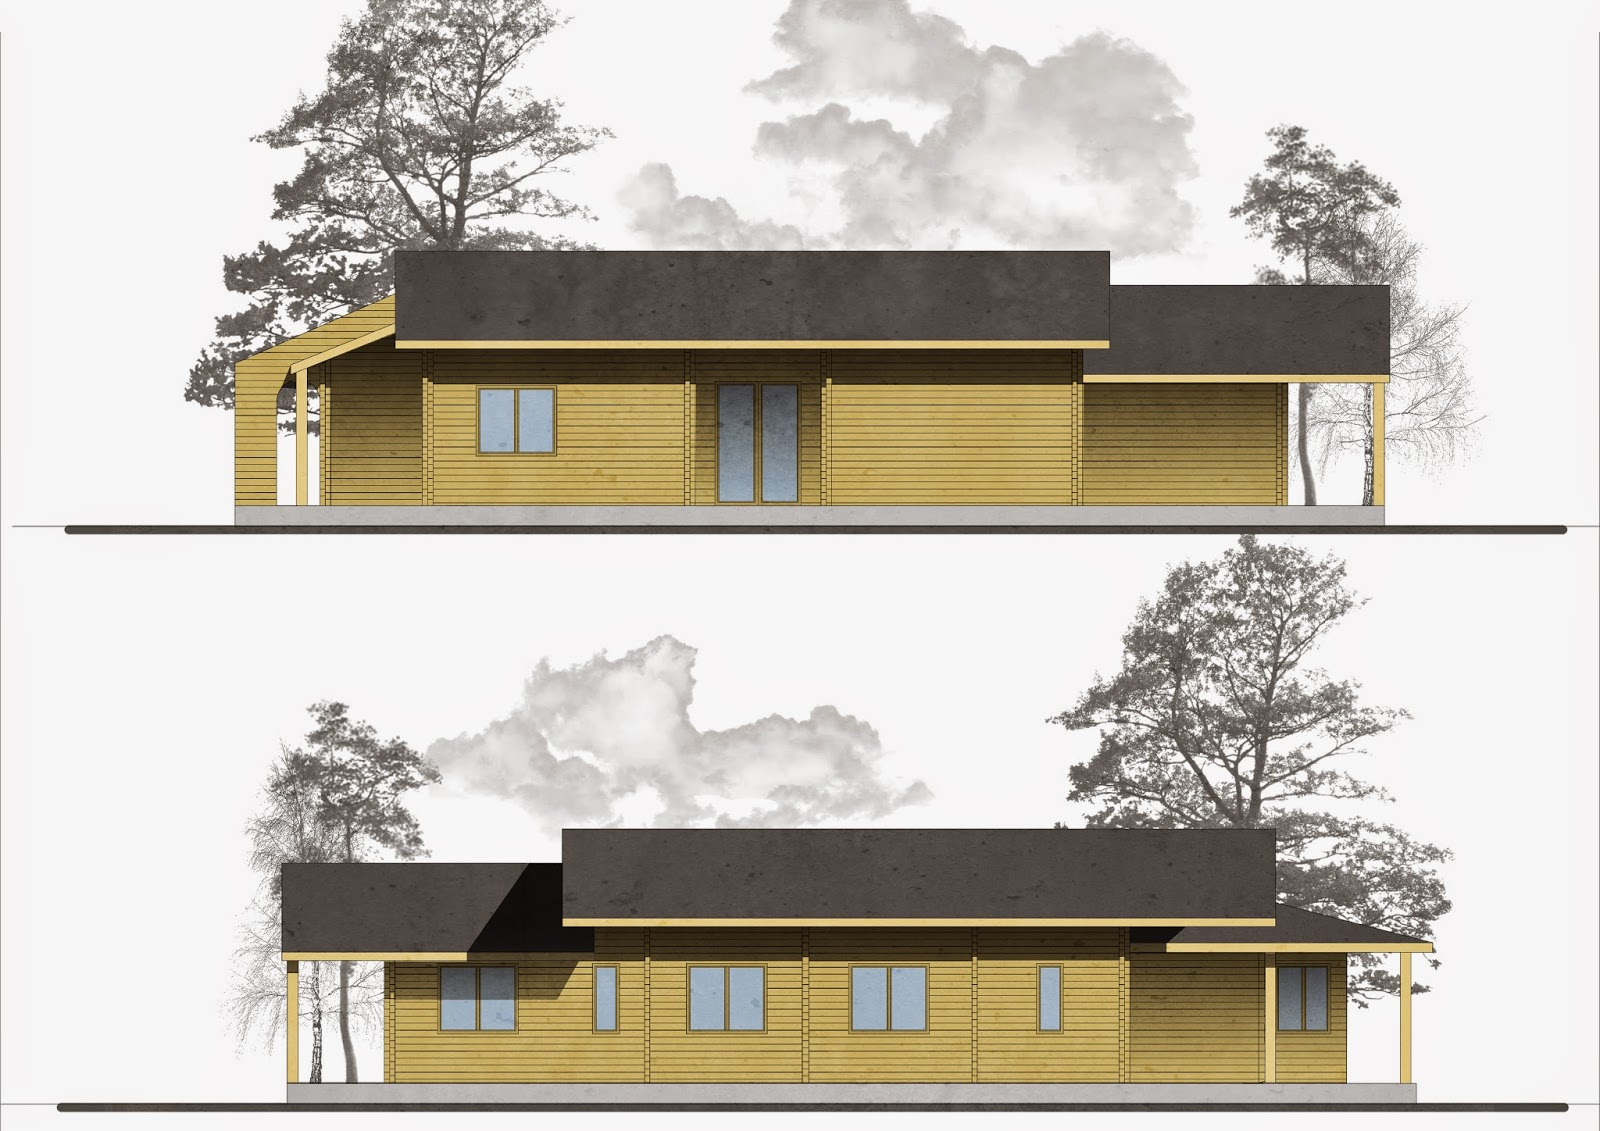 Progetti di case in legno casa 178 mq porticati 75 mq - Progetto casa 75 mq ...